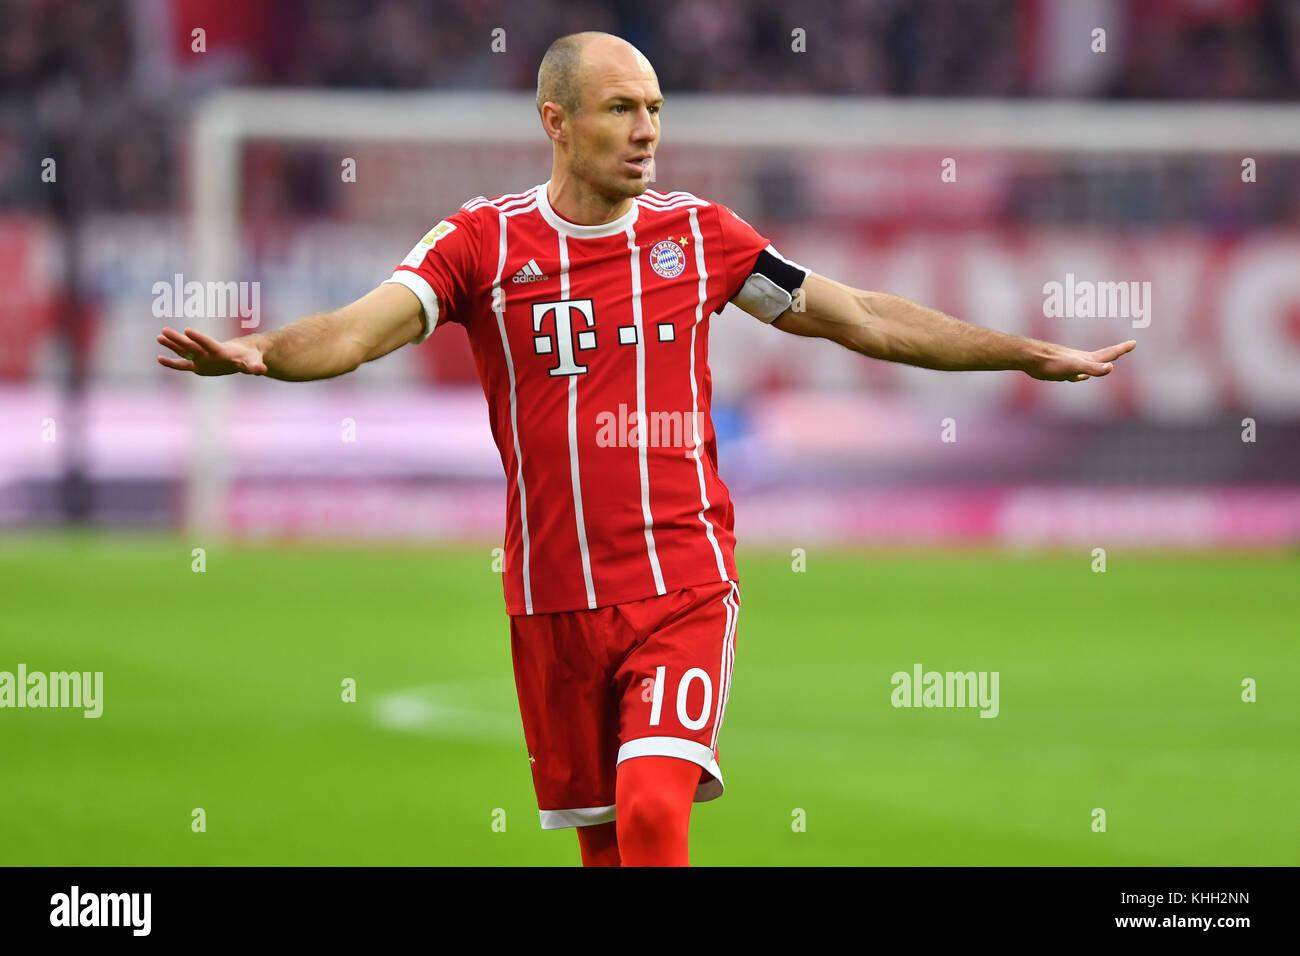 Arjen ROBBEN (FC Bayern Munich), gesture, Aktion, Einzelbild, angeschnittenes Einzelmotiv, Halbfigur, halbe Figur. - Stock Image